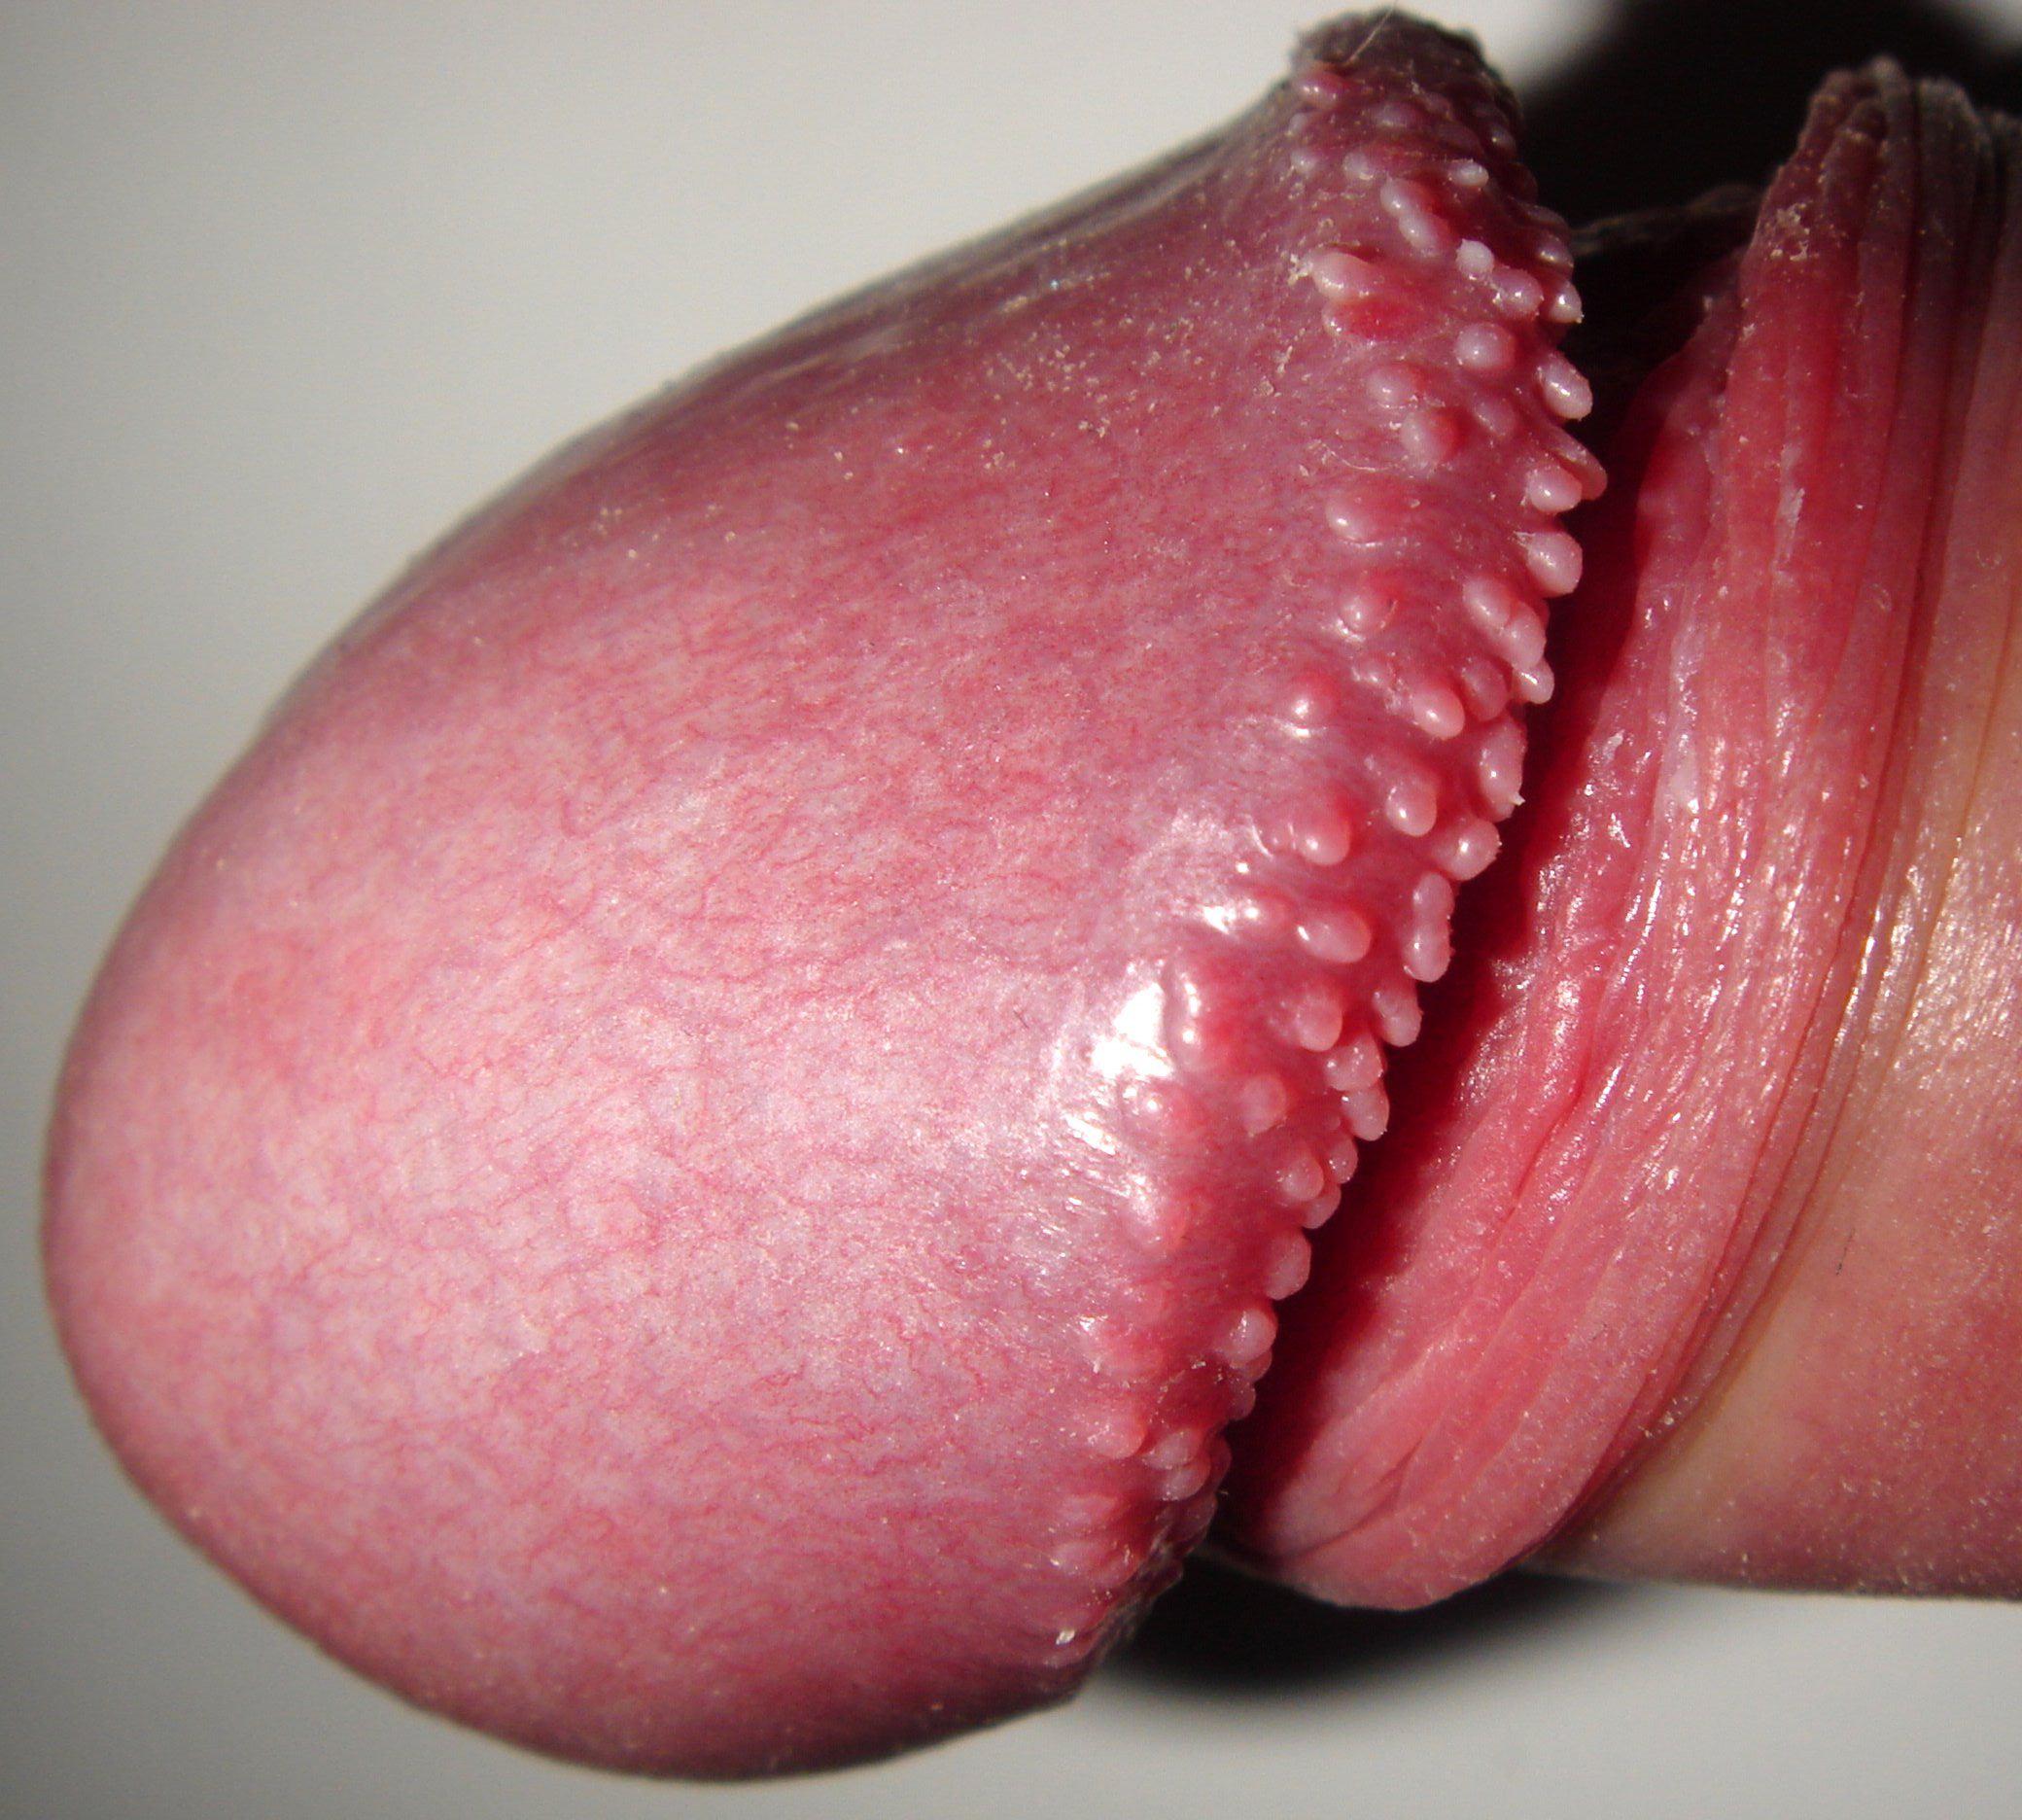 Vestibular papillomatosis treatment Vestibular papillomatosis remedy